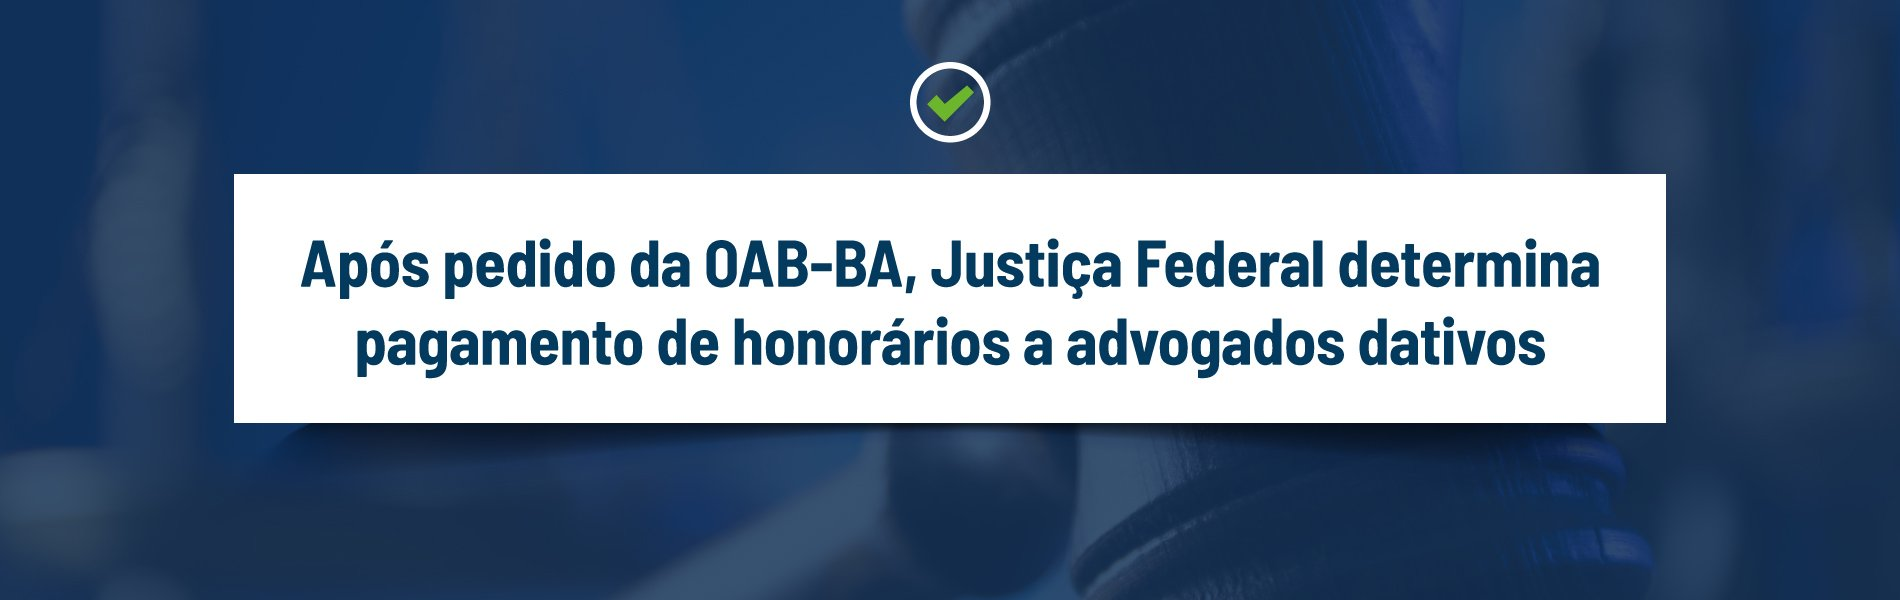 [Após pedido da OAB-BA, Justiça Federal determina pagamento de honorários a advogados dativos]